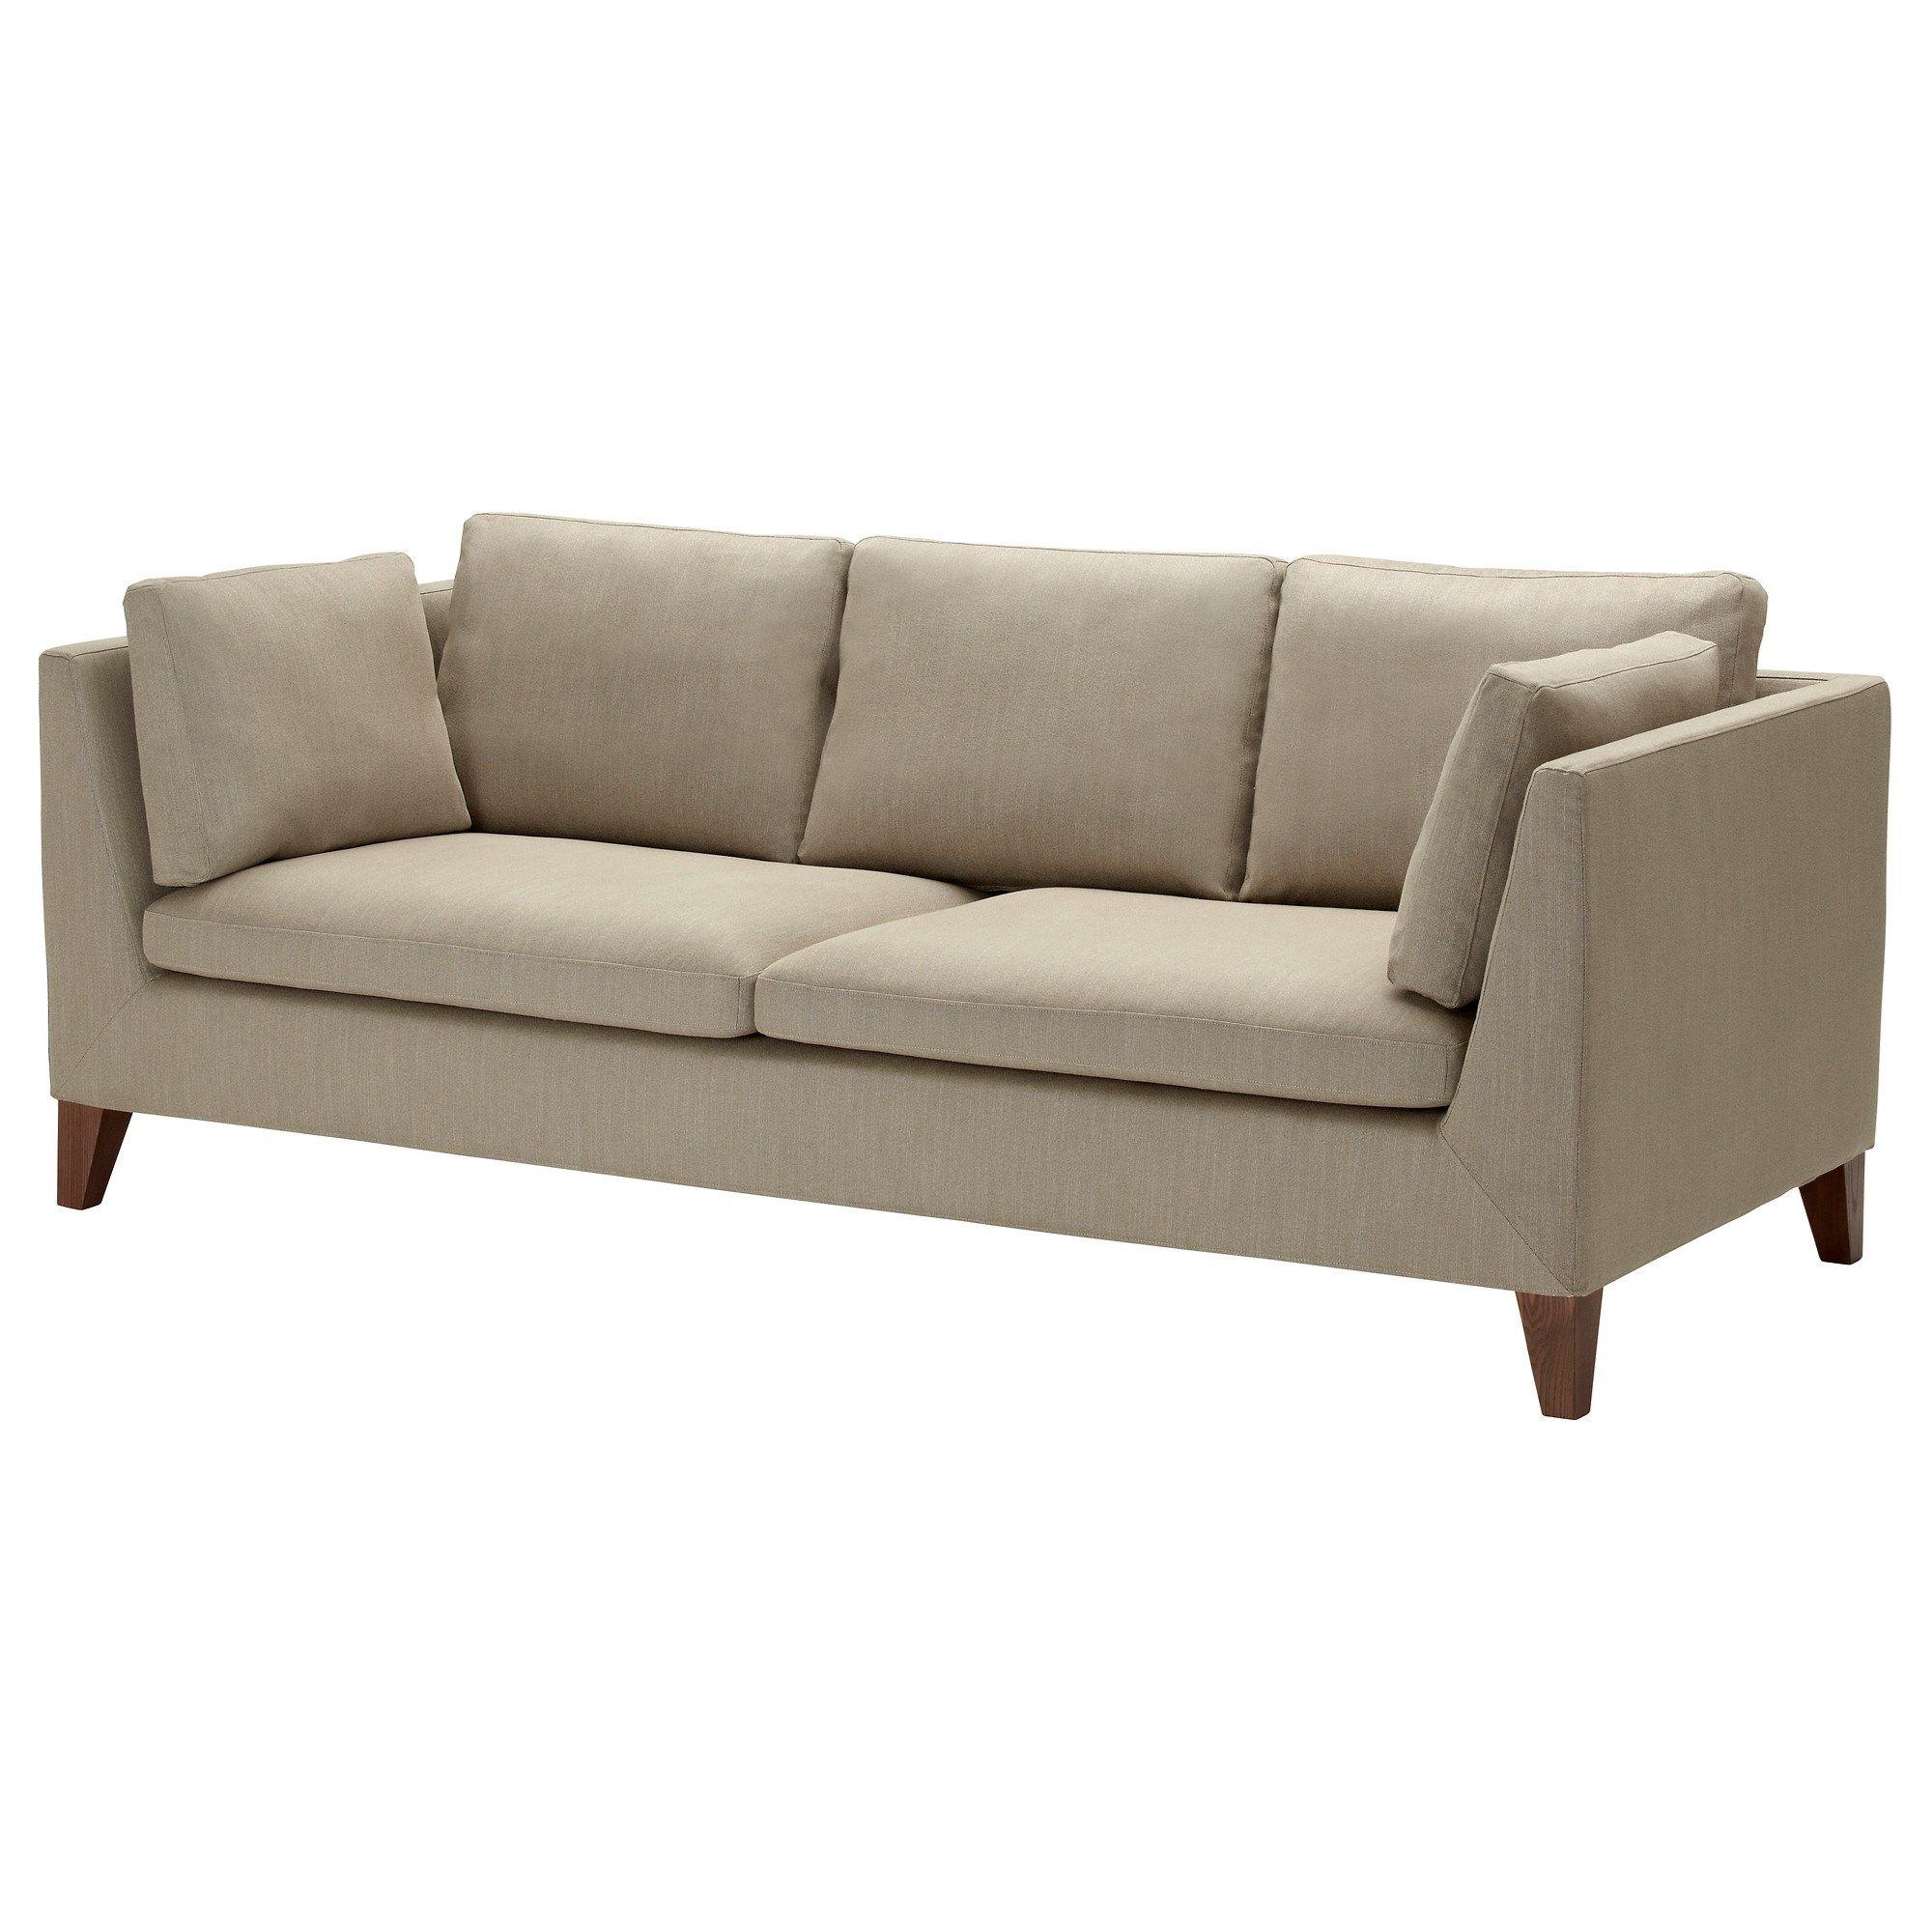 Stockholm 3'lü Kanepe Gammelbo Açık Kahverengi | Ikea Oturma Odaları In Ikea Sofa Chairs (Image 23 of 25)